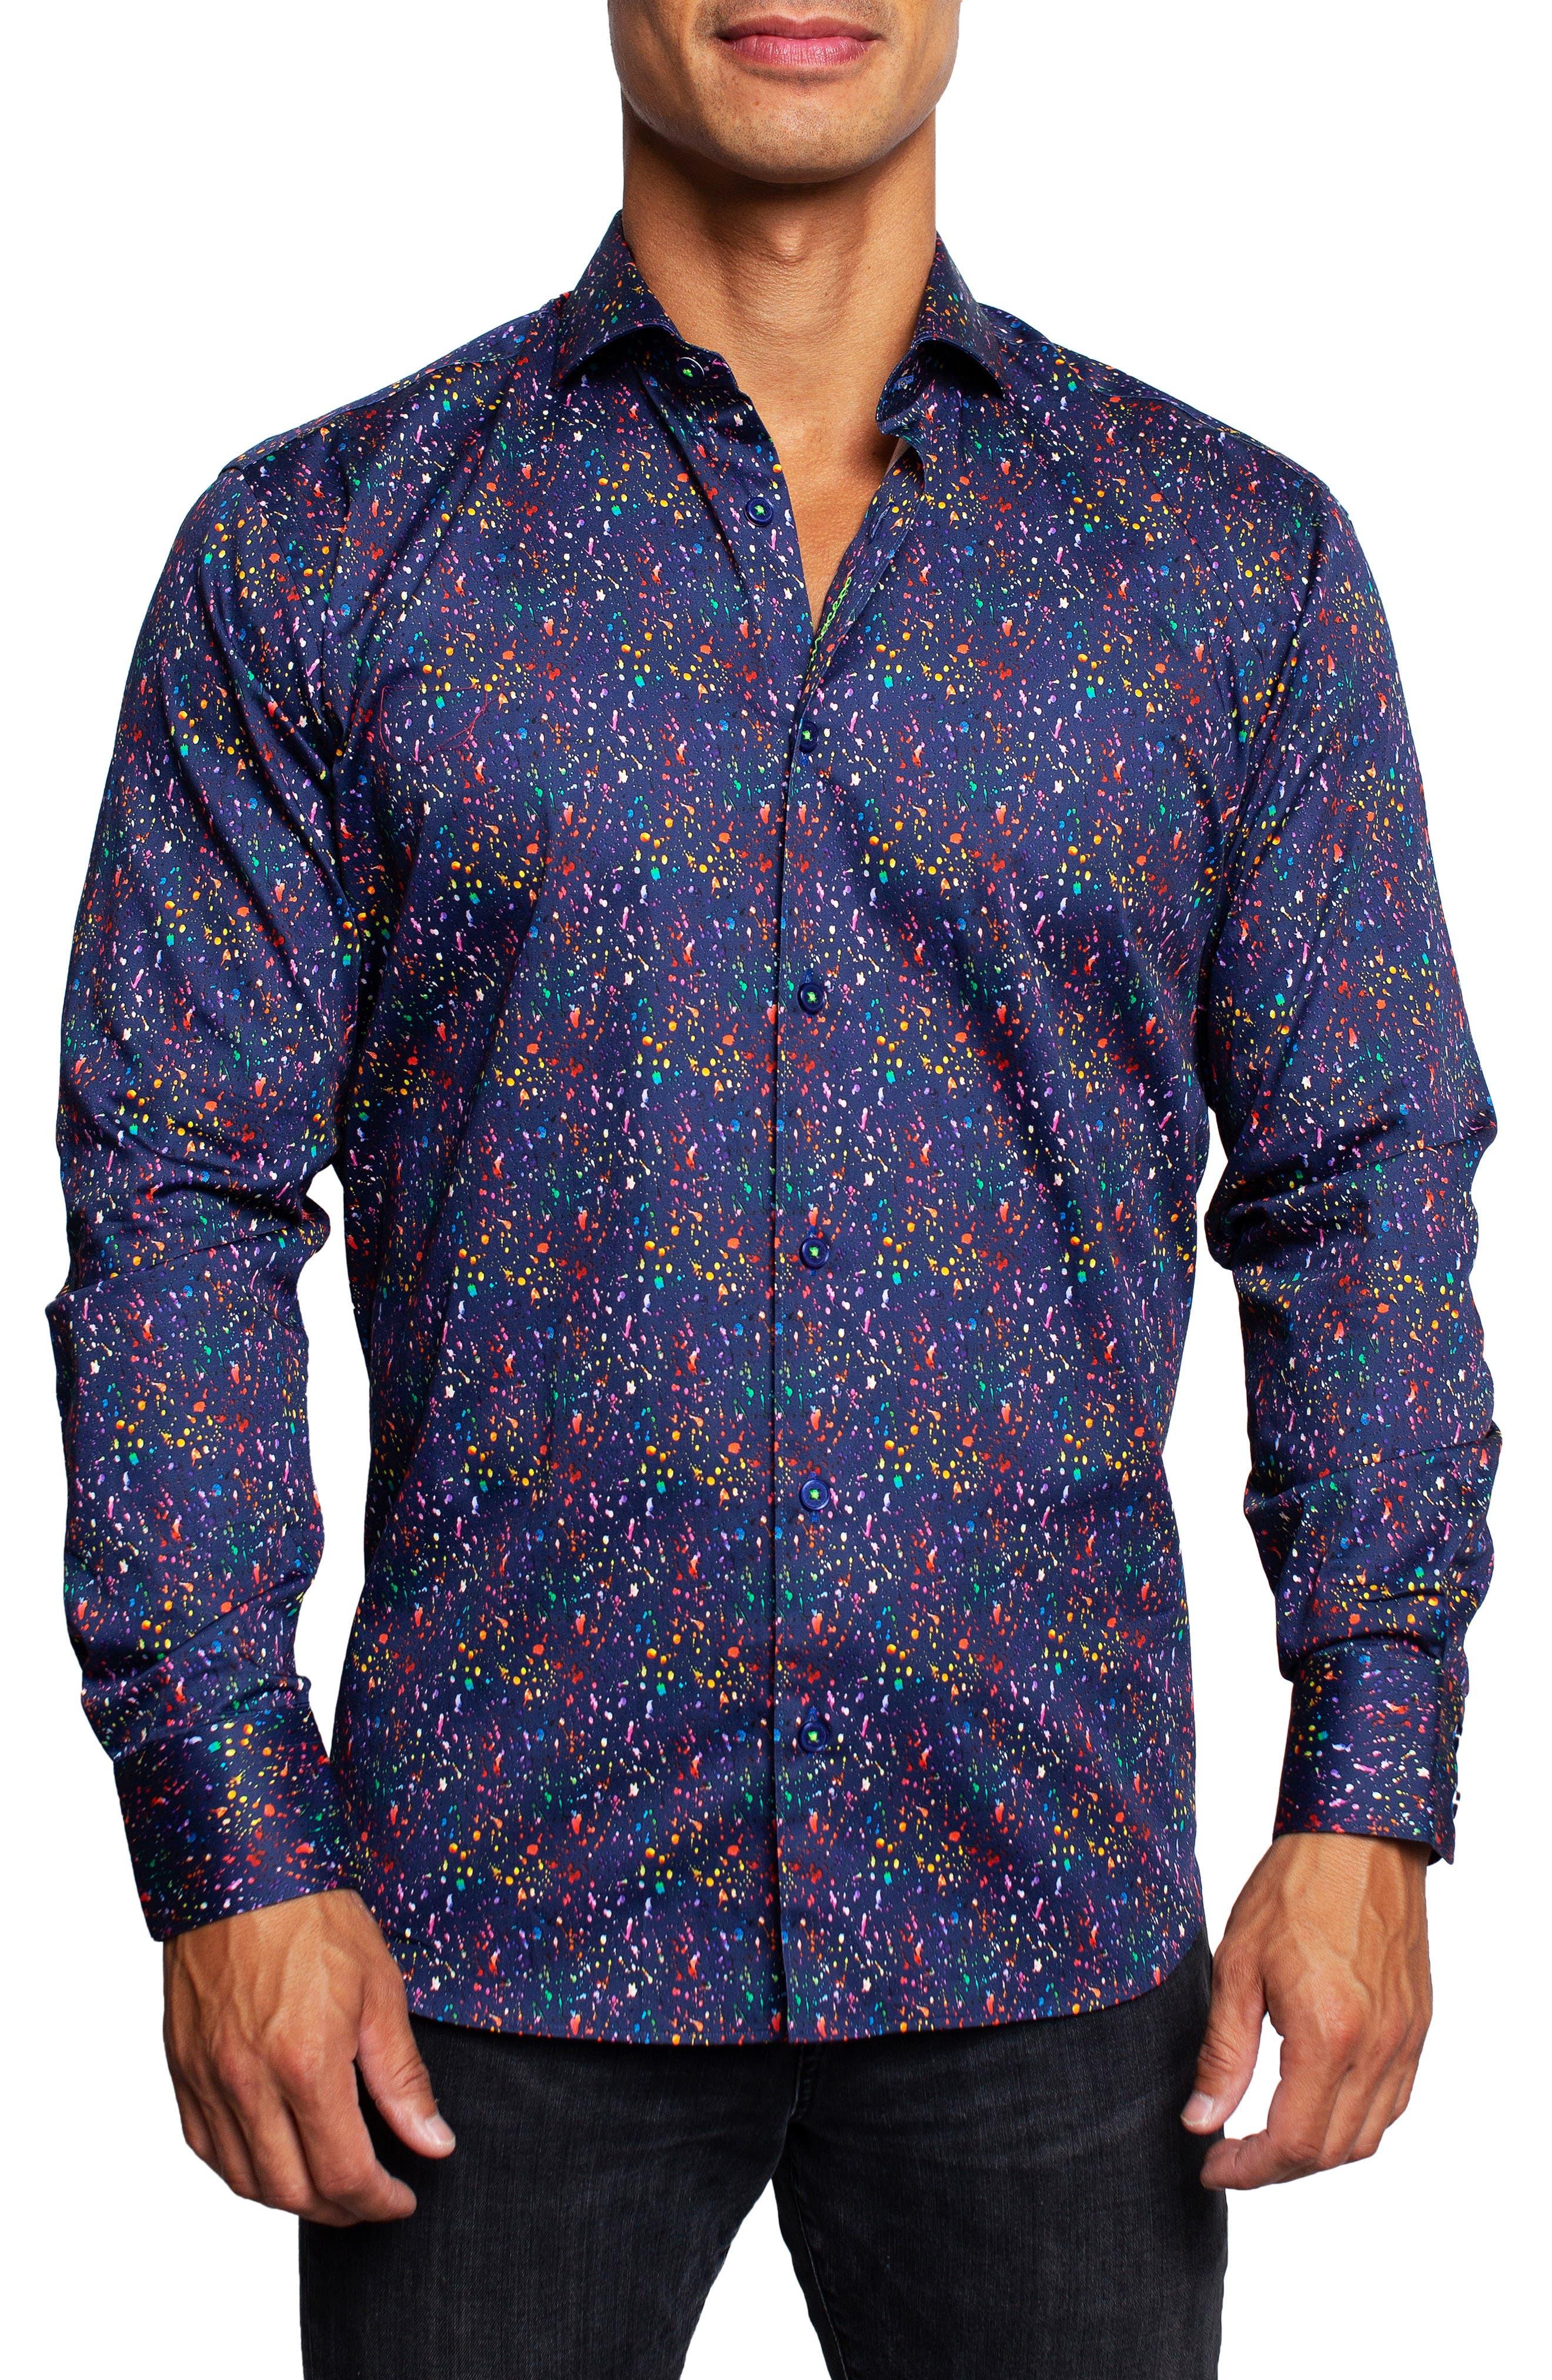 Einstein Candyrain Black Button-Up Shirt